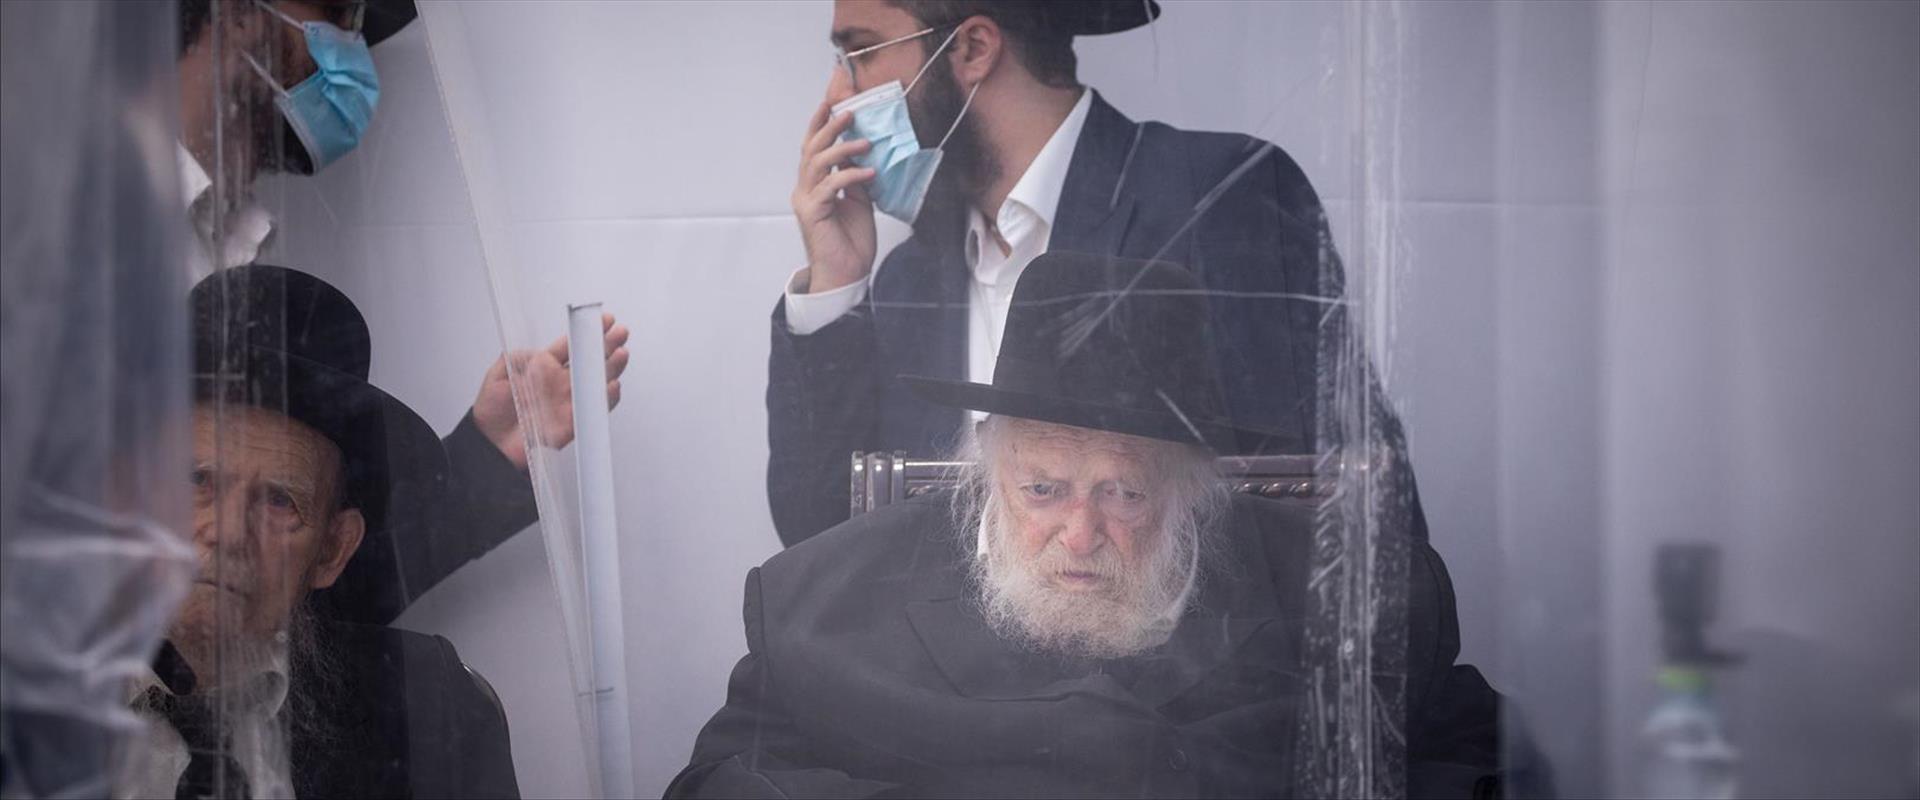 הרב קניבסקי בפגישה בבני ברק, דצמבר 2020